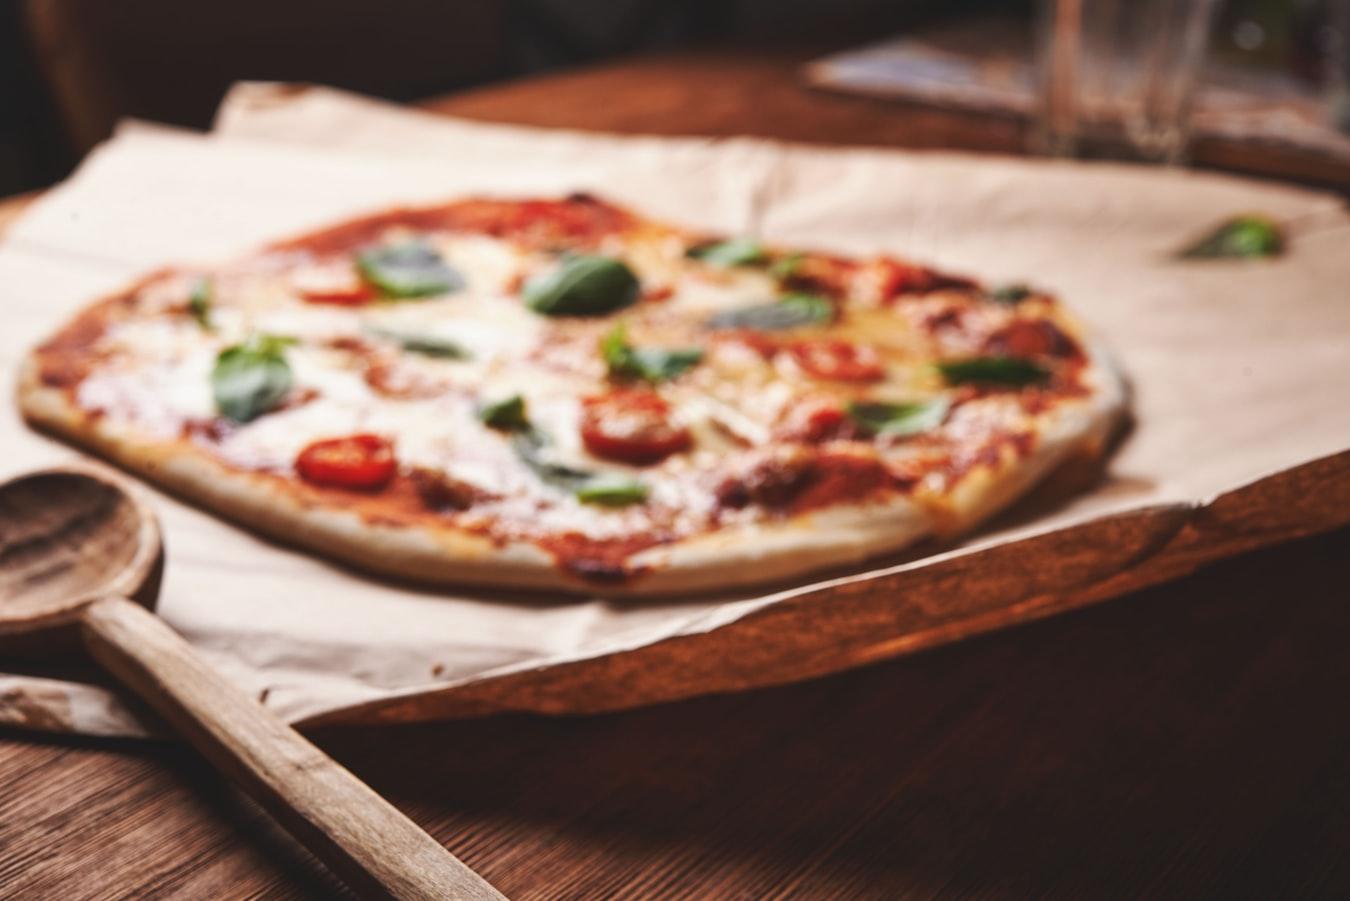 die besten Pizzen in Italien